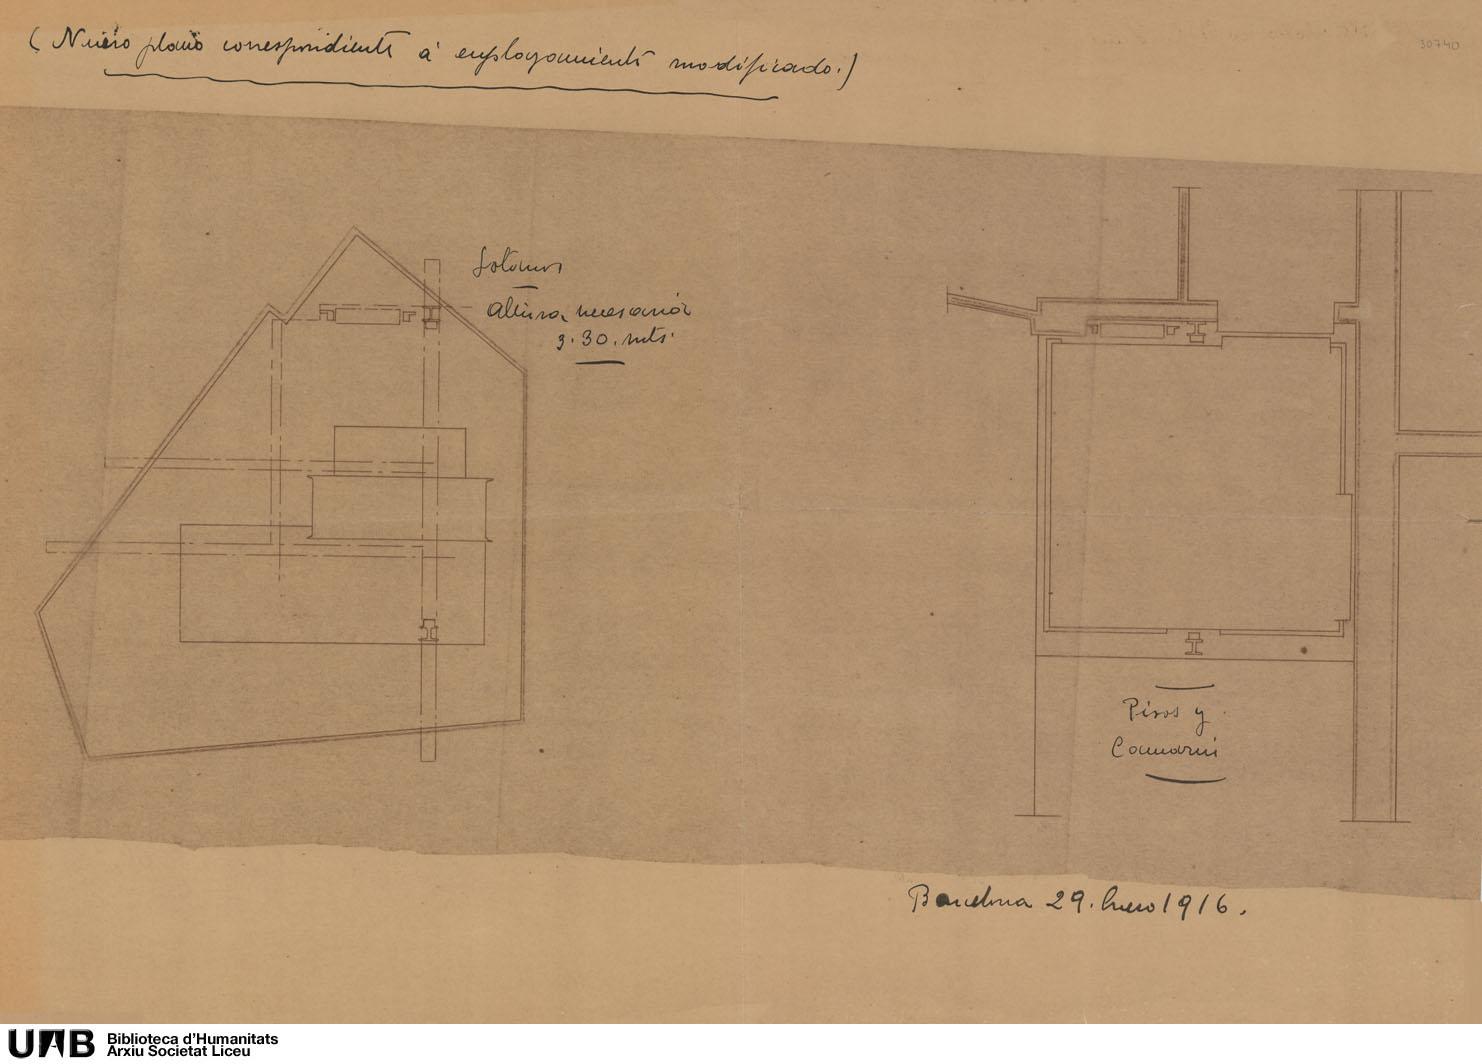 Plano de instalación de ascensor : Nuevo plano correspondiente al emplazamiento modificado